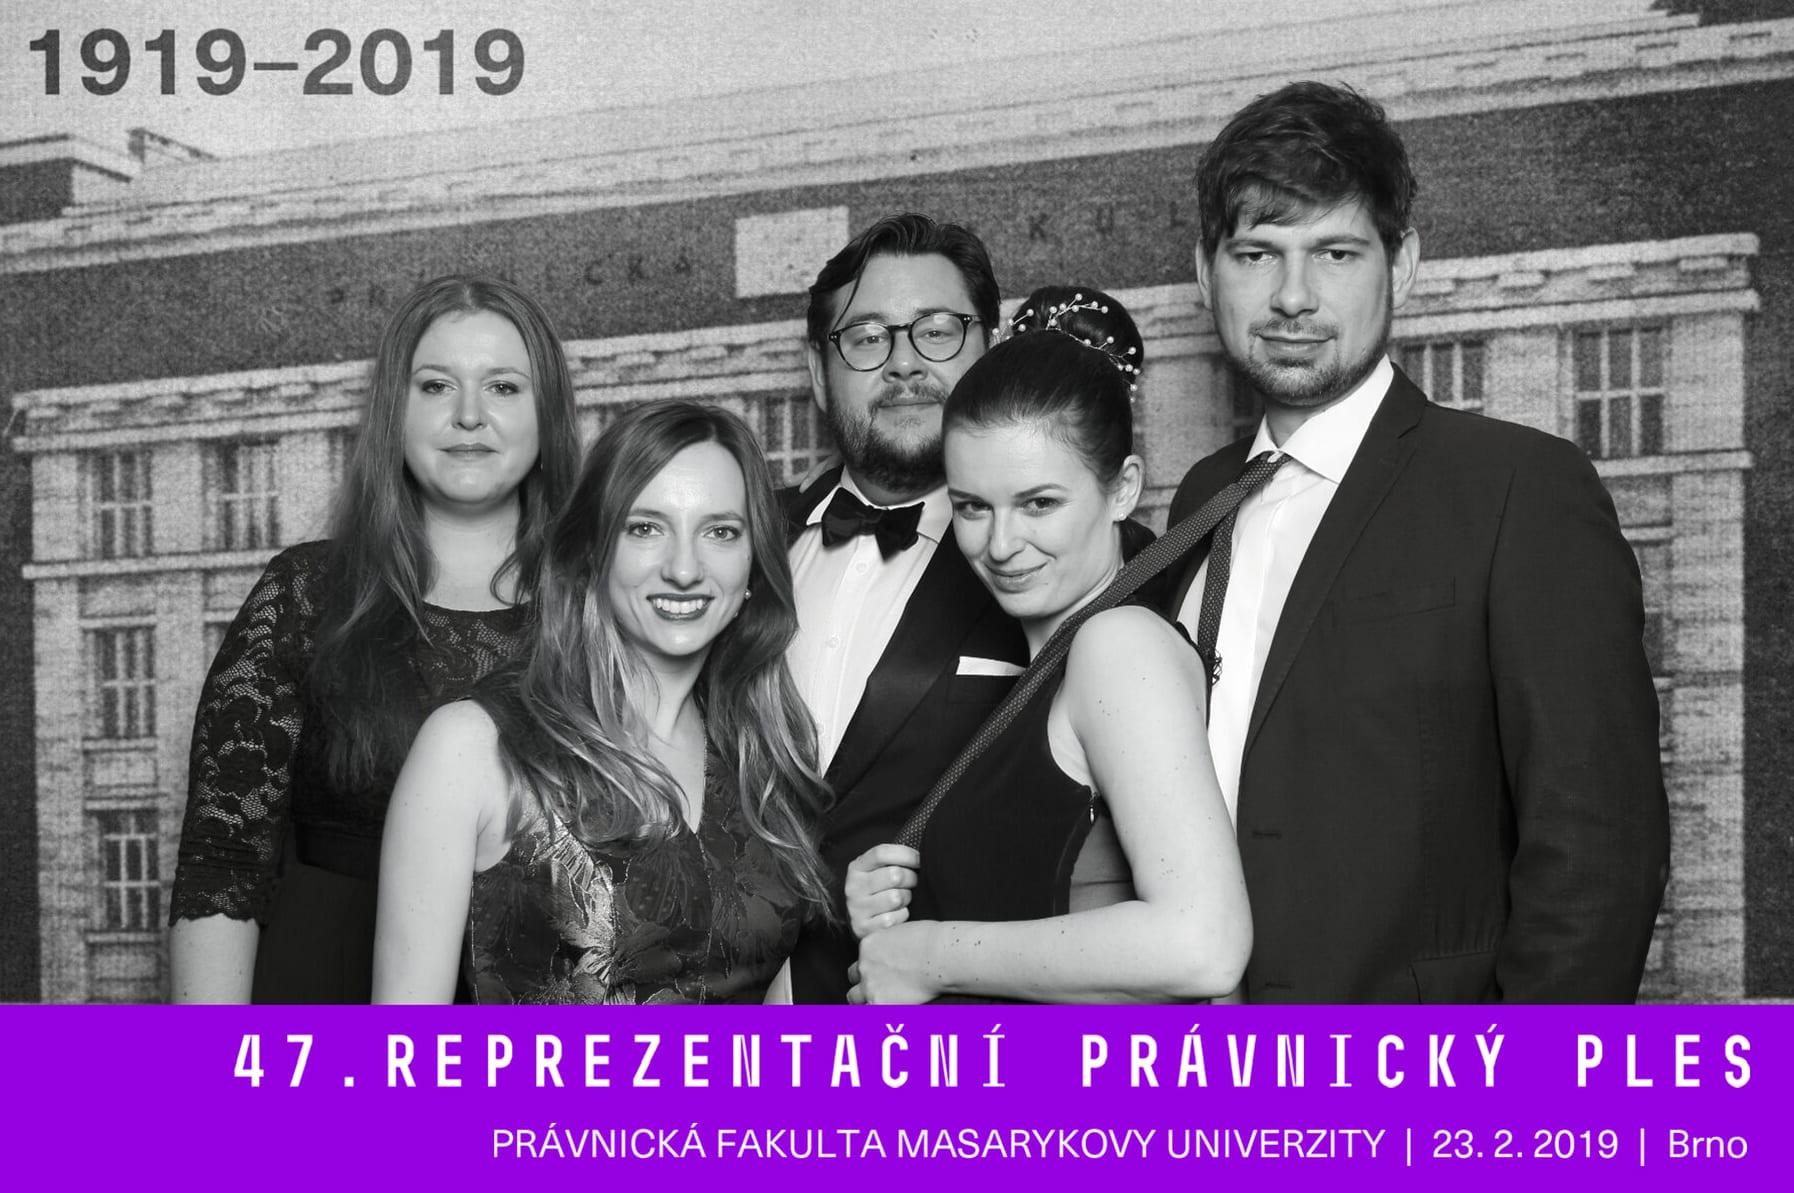 fotokoutek-ples-praha-47-reprezentacni-pravnicky-ples-23-2-2019-585087